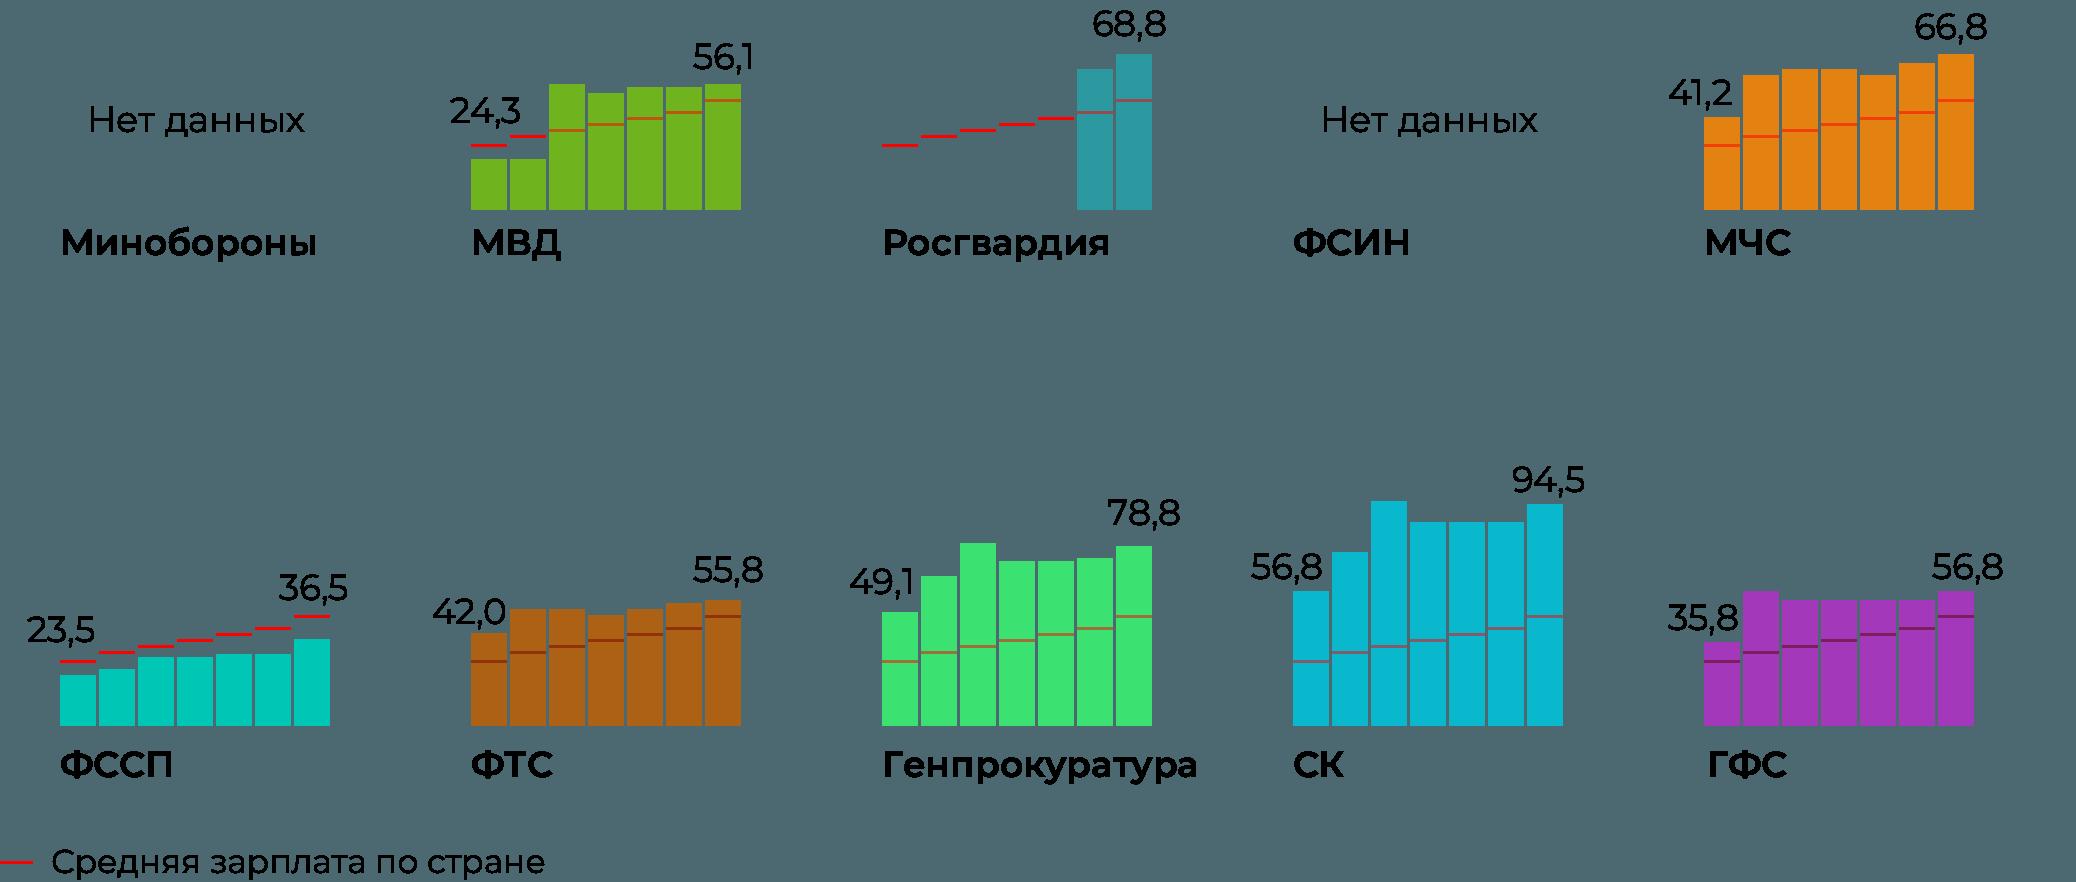 Инфографика: как росла зарплата силовиков разных силовых ведомств нарегиональном уровне